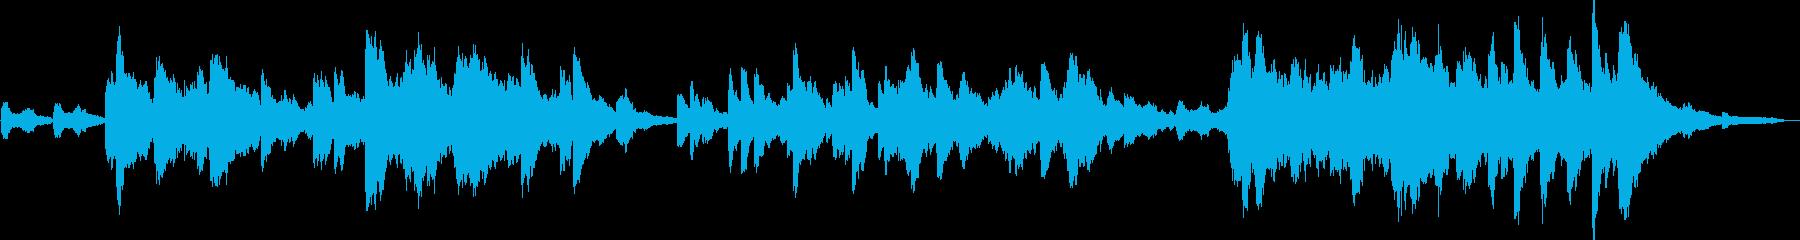 オルゴールとピアノによるヒーリングの再生済みの波形